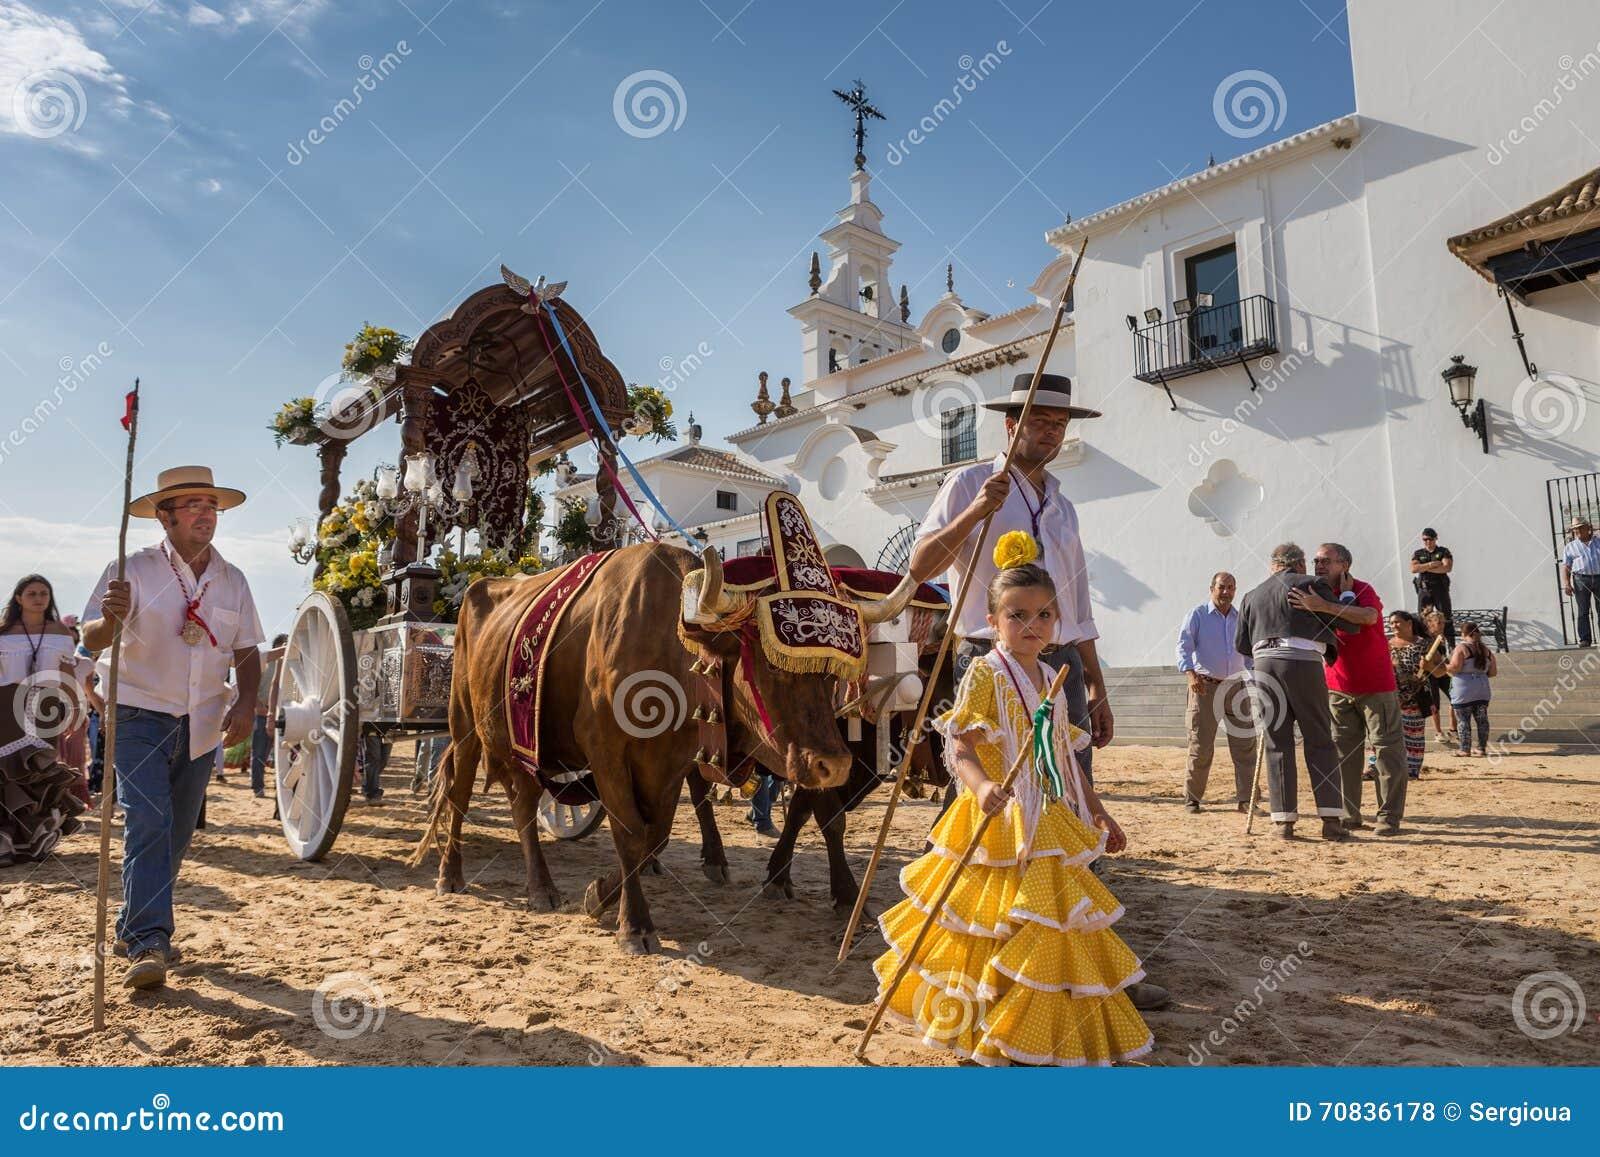 EL ROCIO, ANDALOUSIE, ESPAGNE - 22 mai : Romeria après visite du sanctuaire va au village